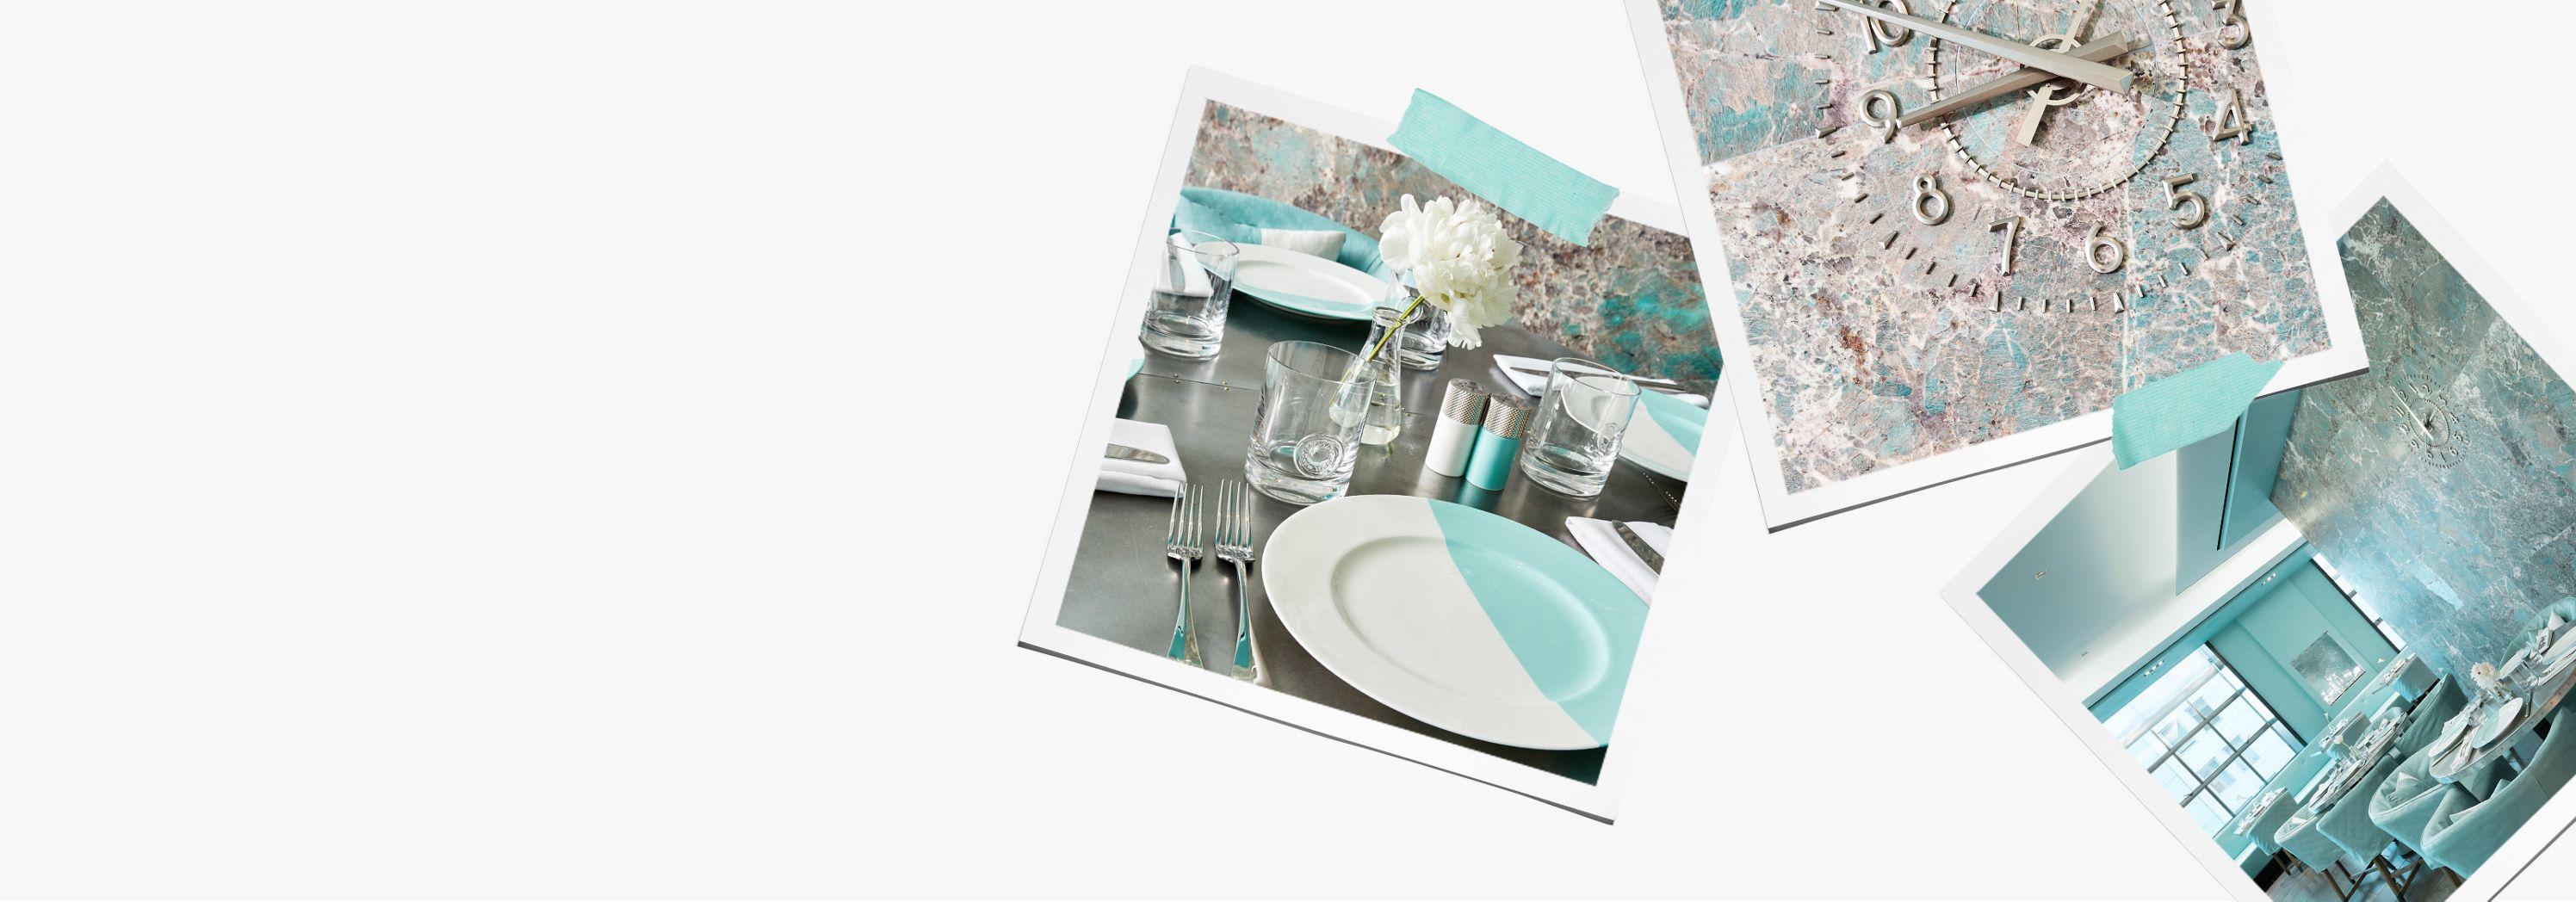 24bb57c1cbb The Blue Box Cafe™ | Tiffany & Co.